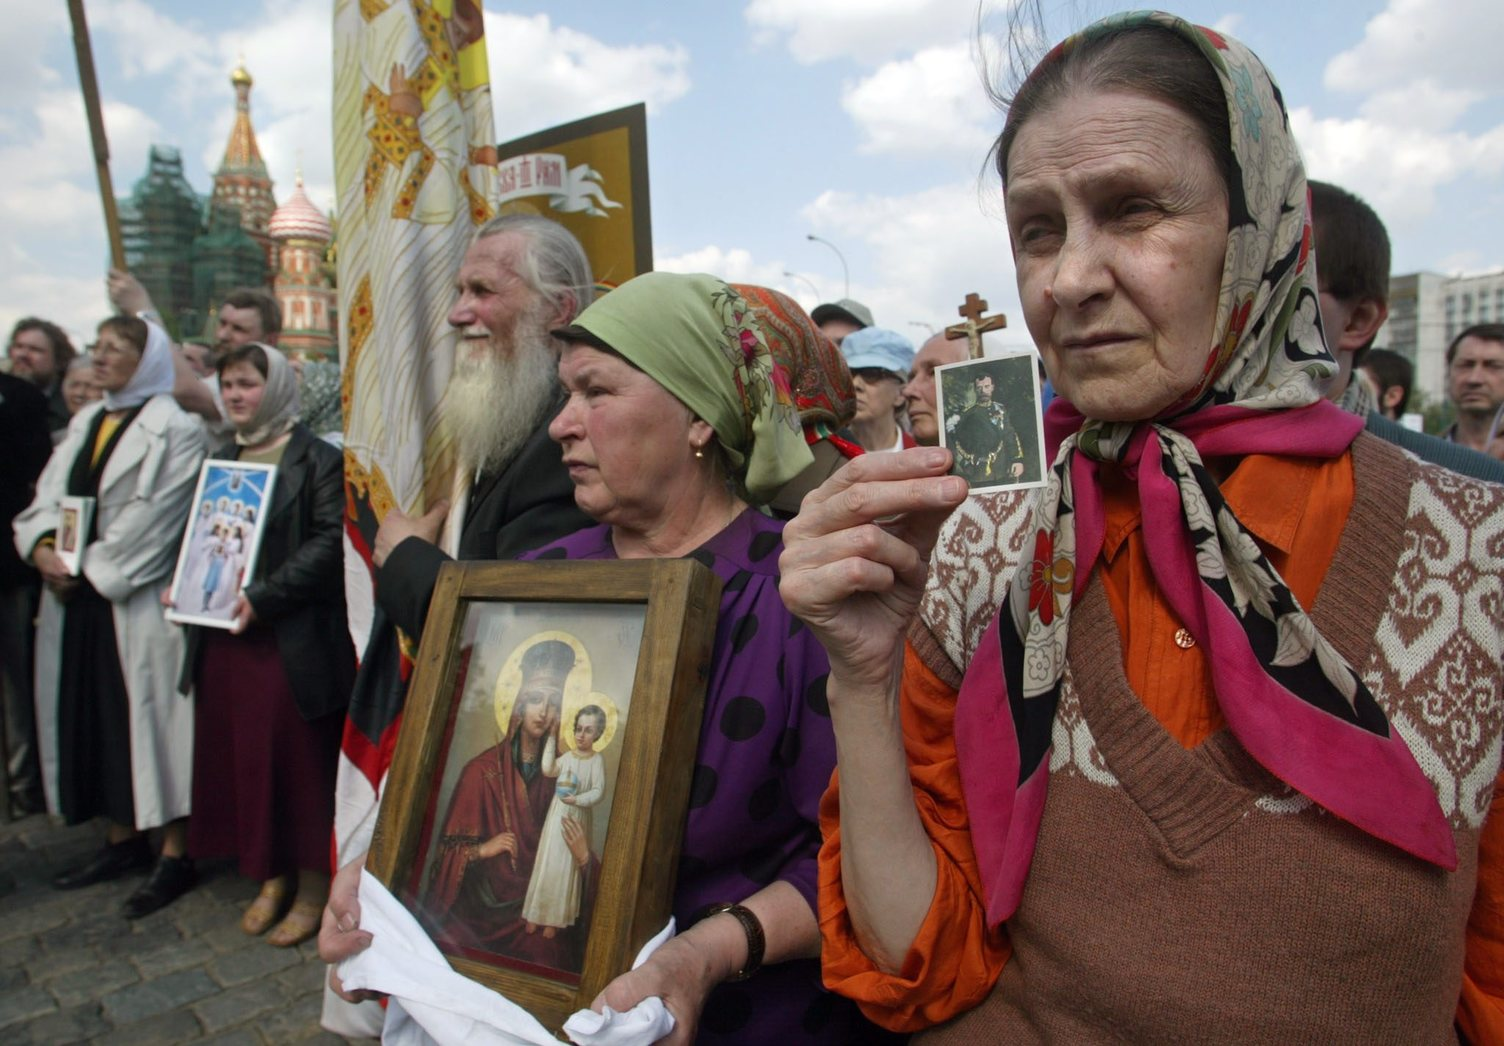 Egy asszony (j) II. Miklós, az utolsó orosz cár arcképét tartja kezében egy, a néhai uralkodó születésének 135. évfordulója alkalmából tartott megemlékezésen Moszkvában 2003. május 19-én. II. Miklós, azaz Nyikolaj Alekszandrovics Romanov 1868. május 18-án született és az 1917-es októberi forradalom győzelmét követően 1918. júliusban Jekatyerinburgban családjával együtt kivégezték. (MTI/EPA/Szergej Ilnyickij)